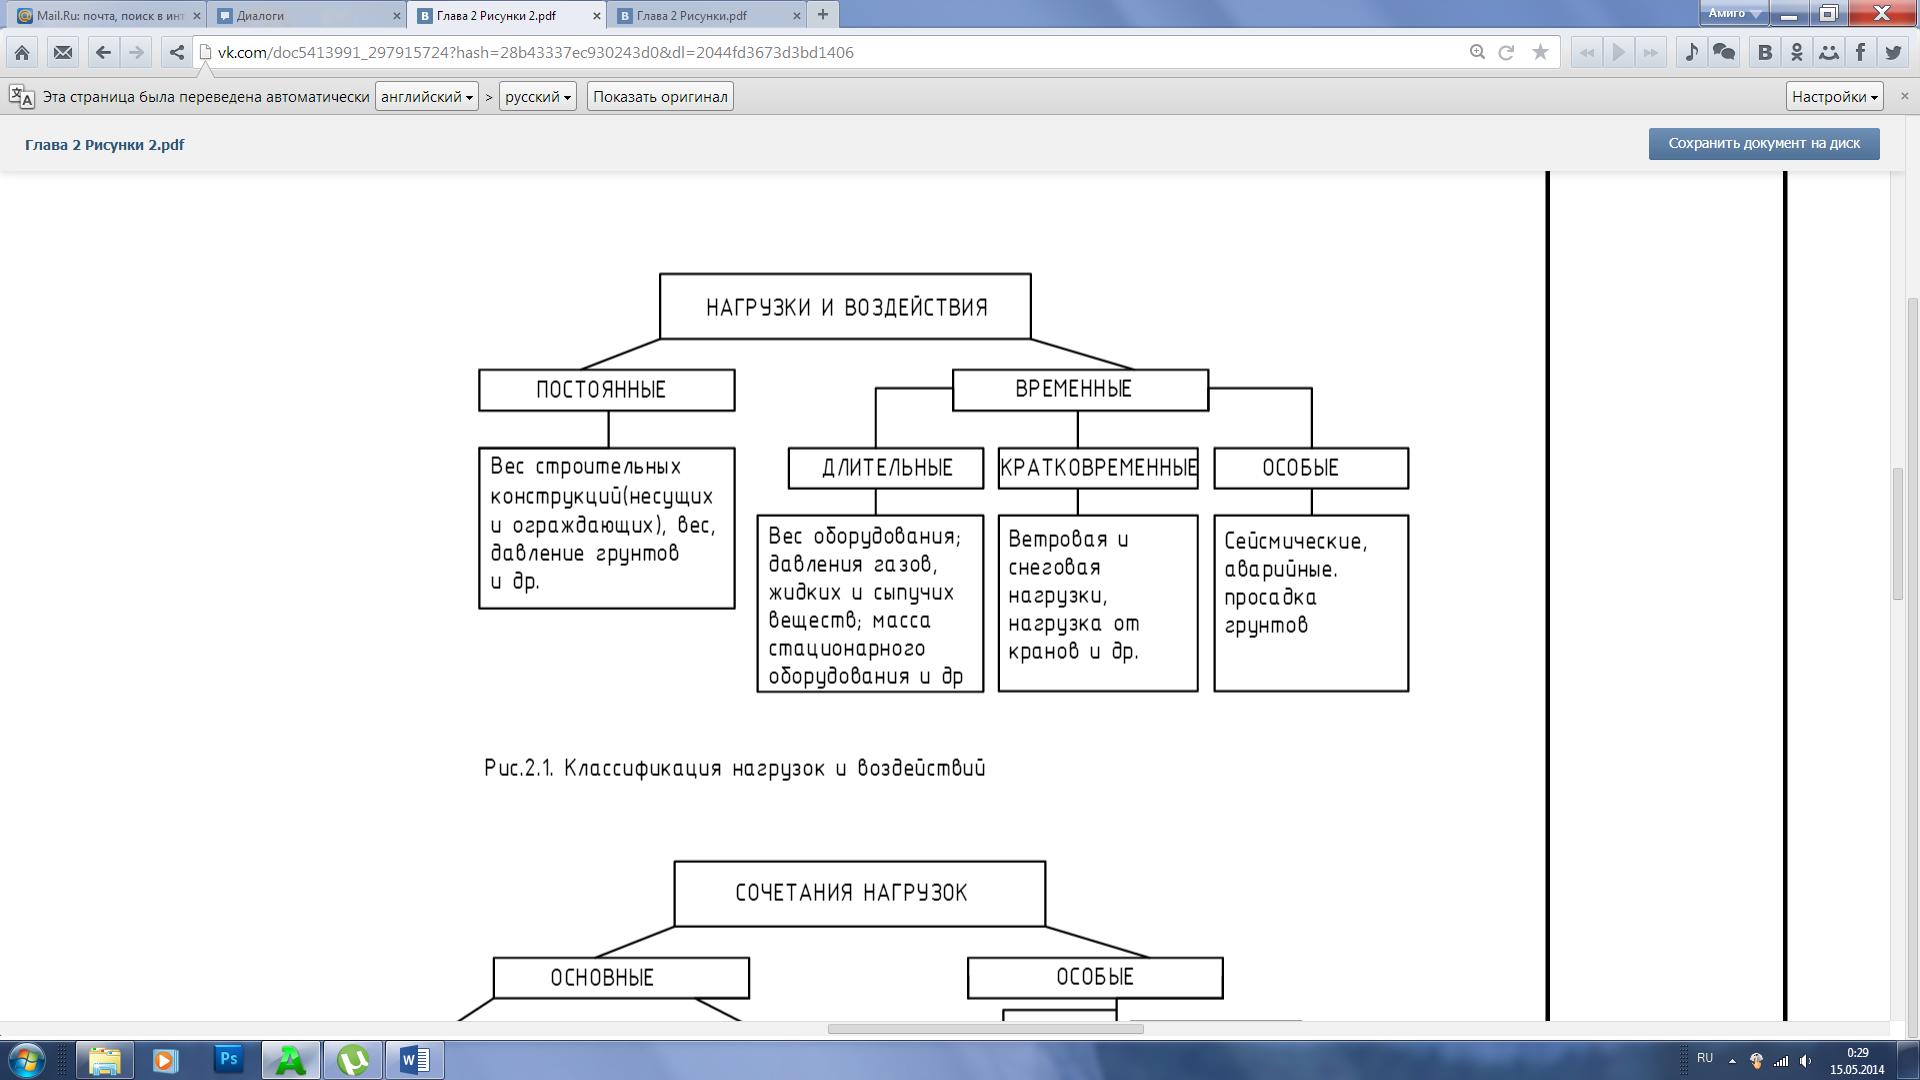 Расчет надежности по структурной схеме